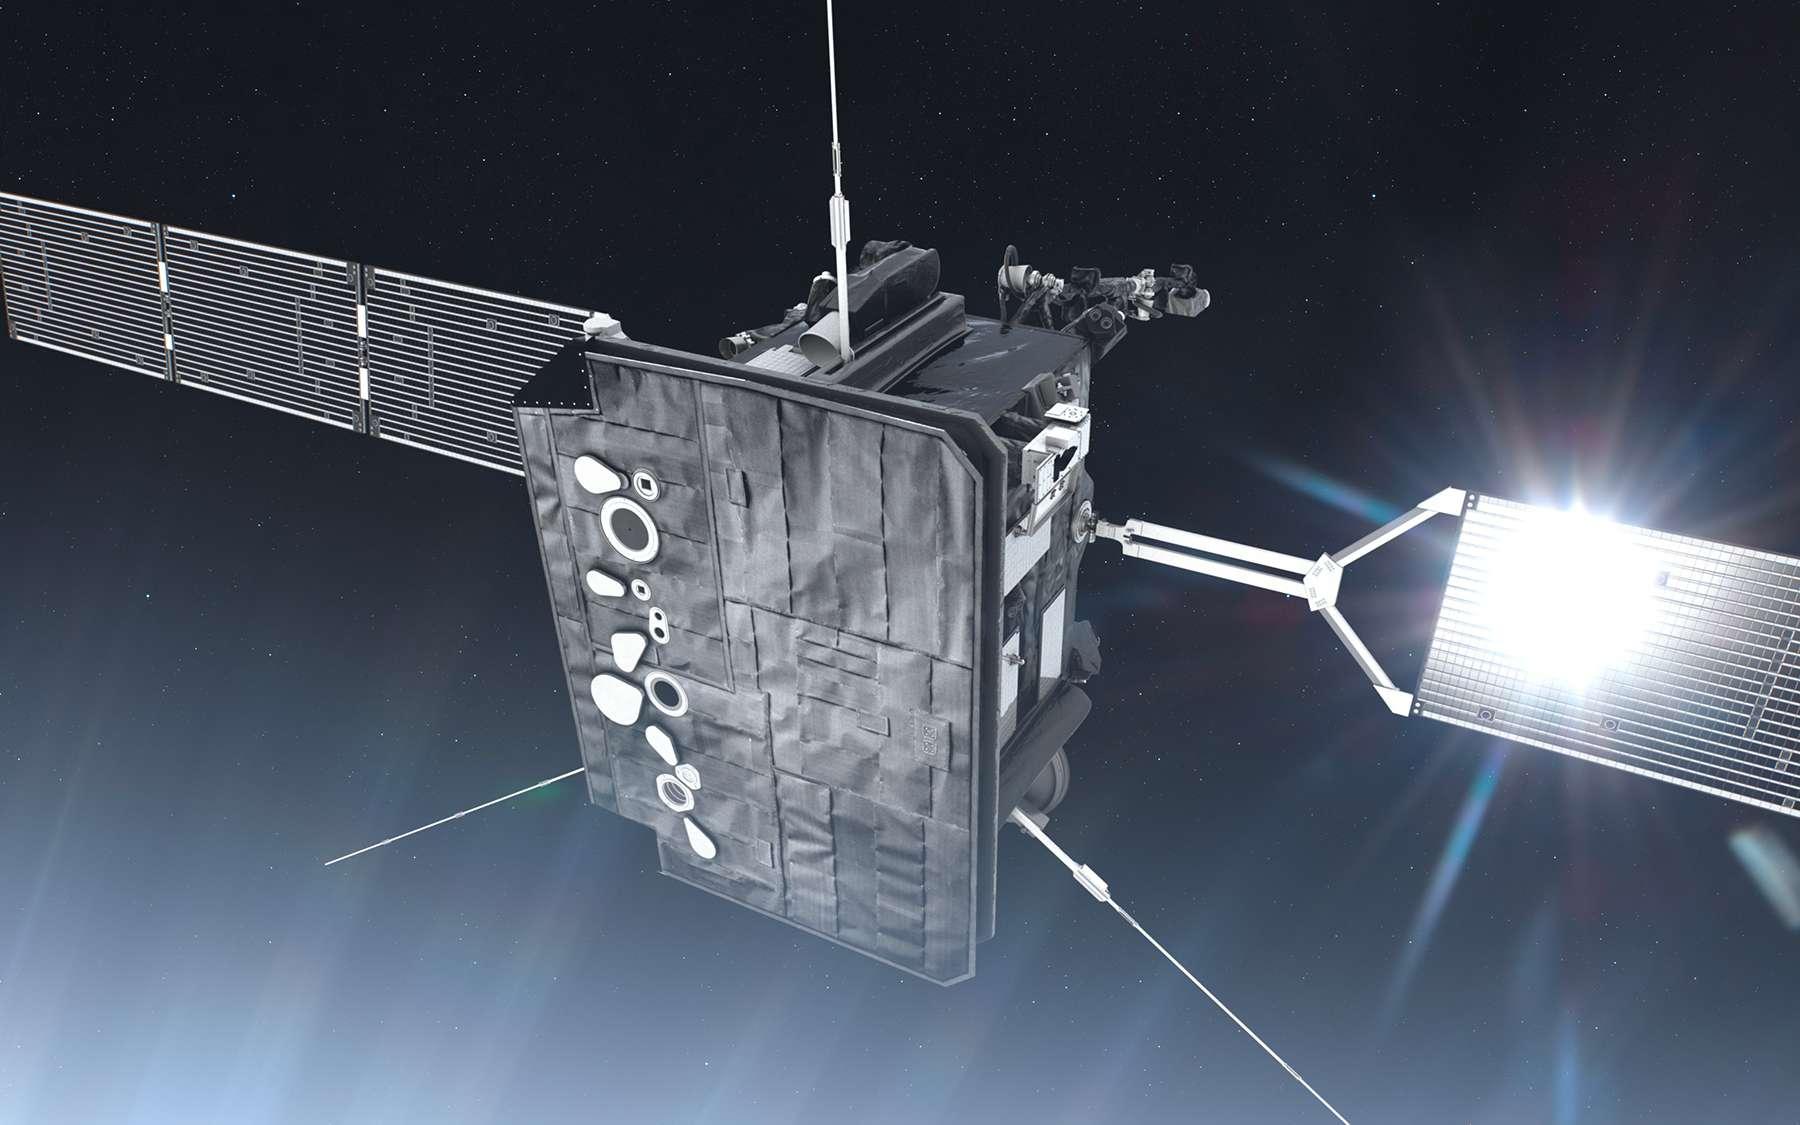 Solar Orbiter sera doté d'un bouclier thermique capable de résister à des températures supérieures à 500 °C. © ESA, ATG Medialab